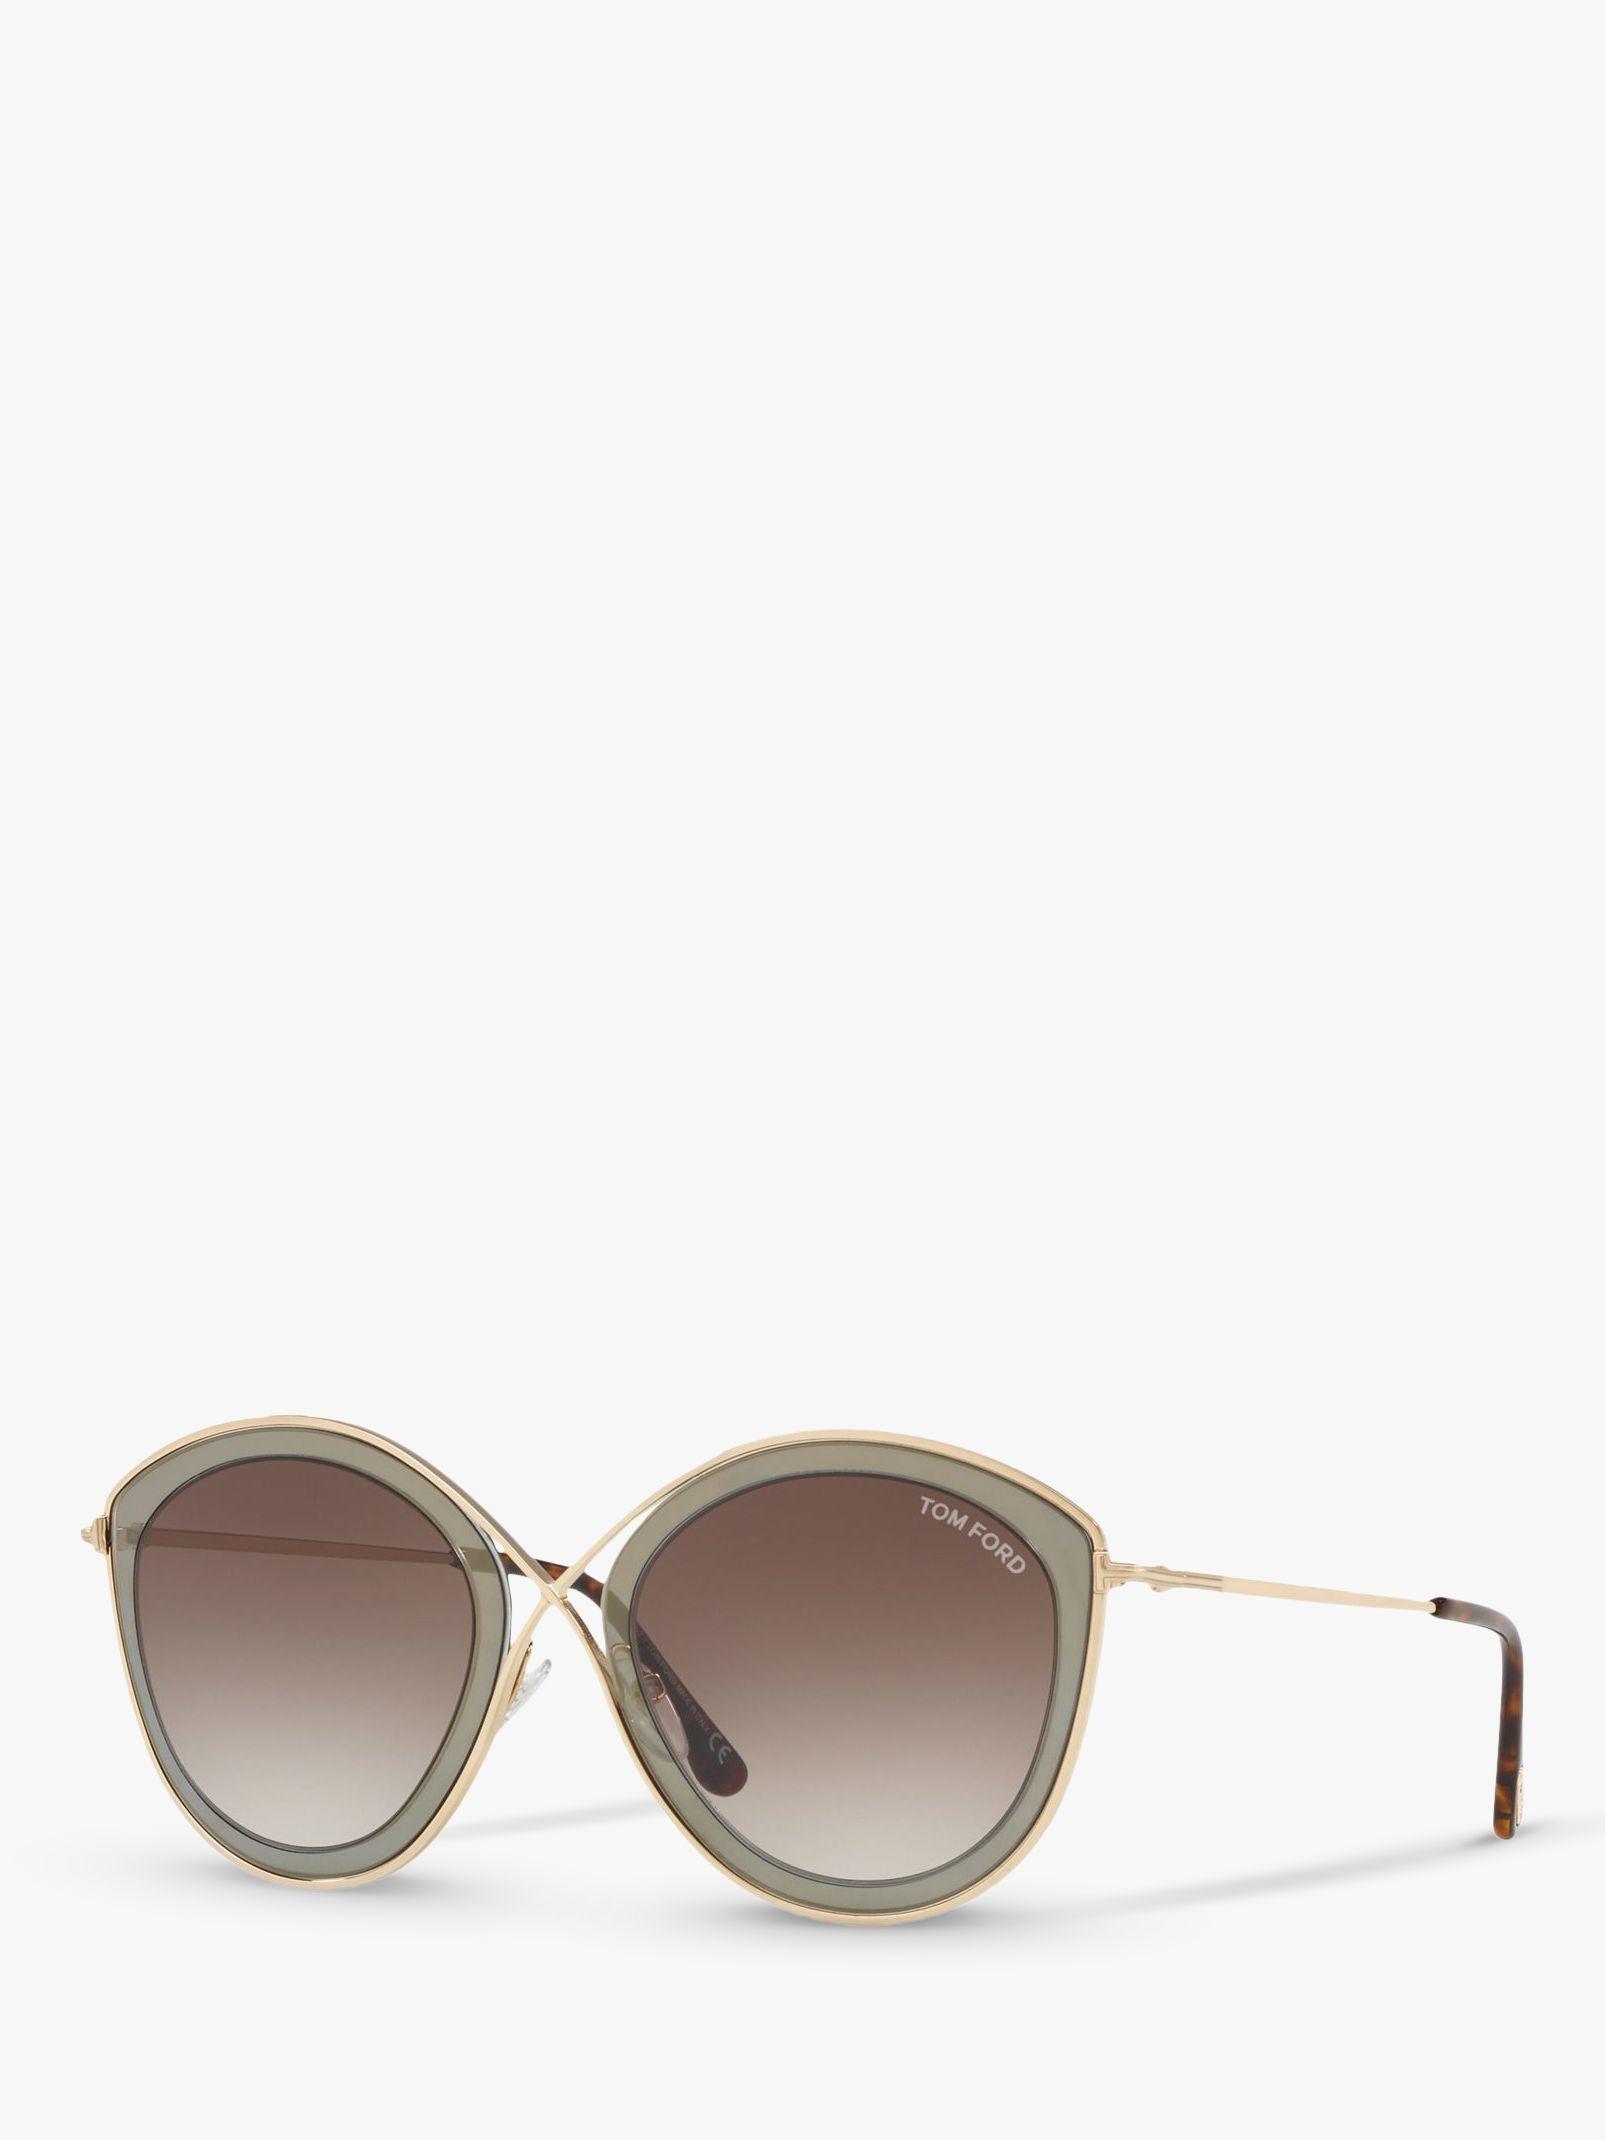 Tom Ford TOM FORD FT0604 Women's Sascha Cat's Eye Sunglasses, Gold/Brown Gradient